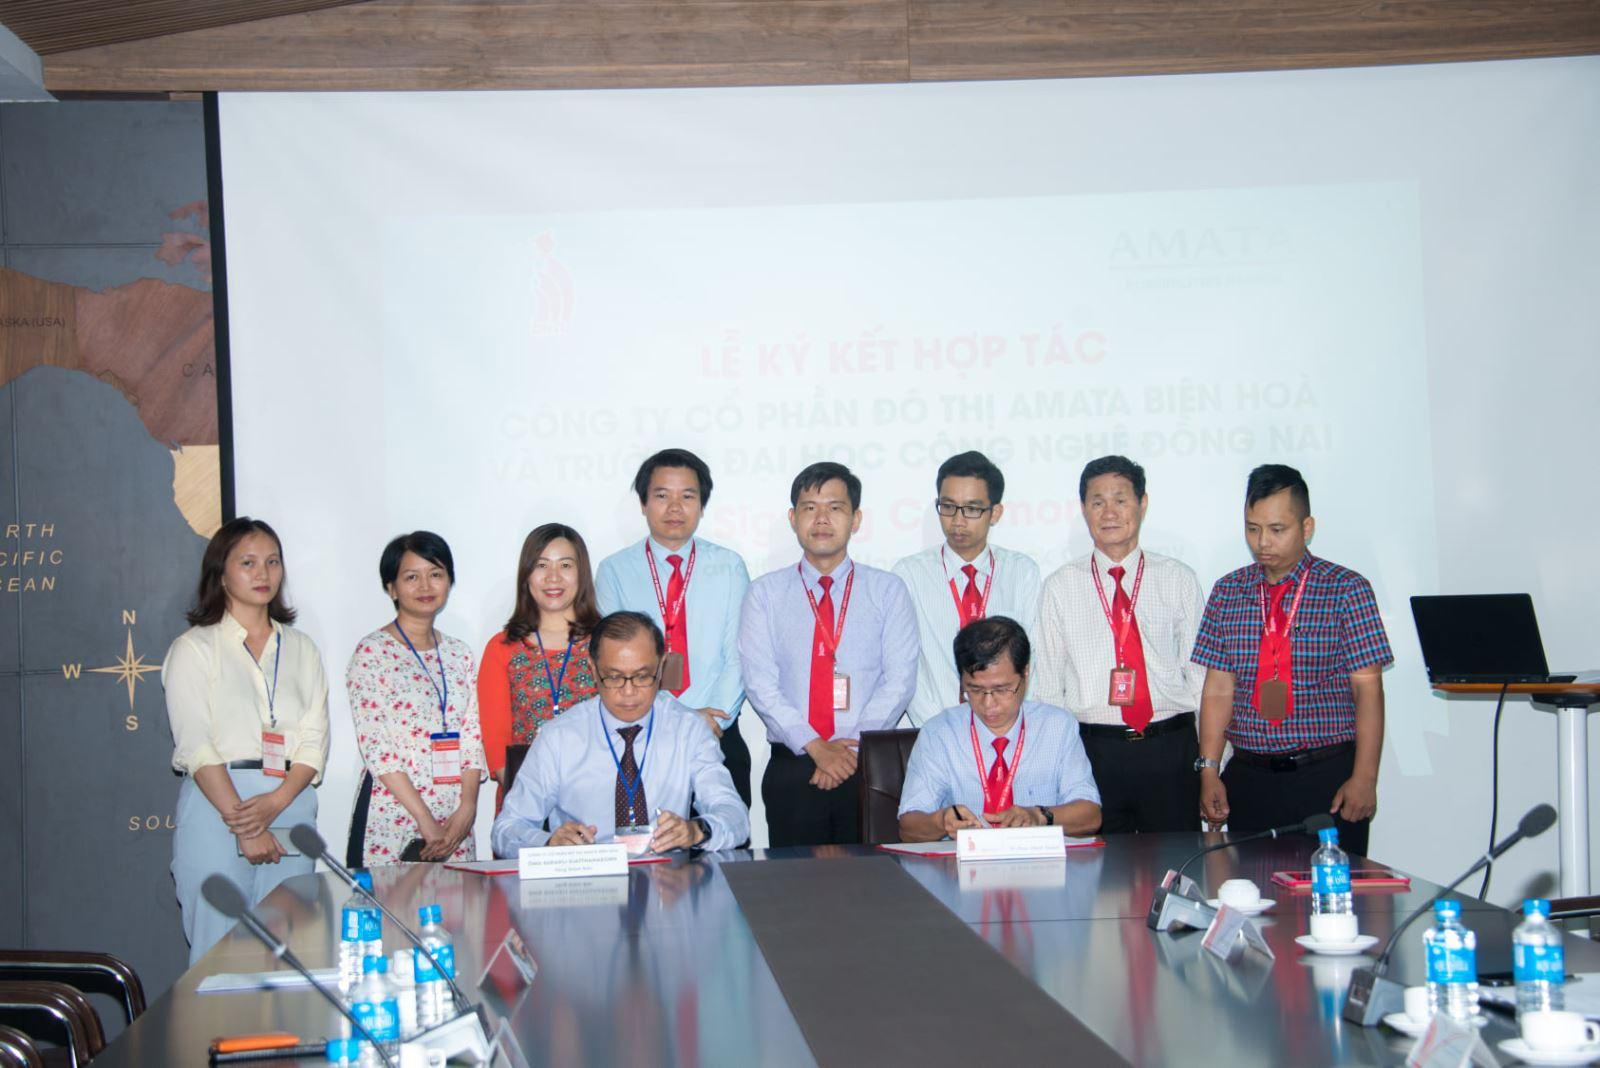 Ký kết hợp tác giữa Trường Đại học Công nghệ Đồng Nai và Công ty CP Đô thị Amata Biên Hòa